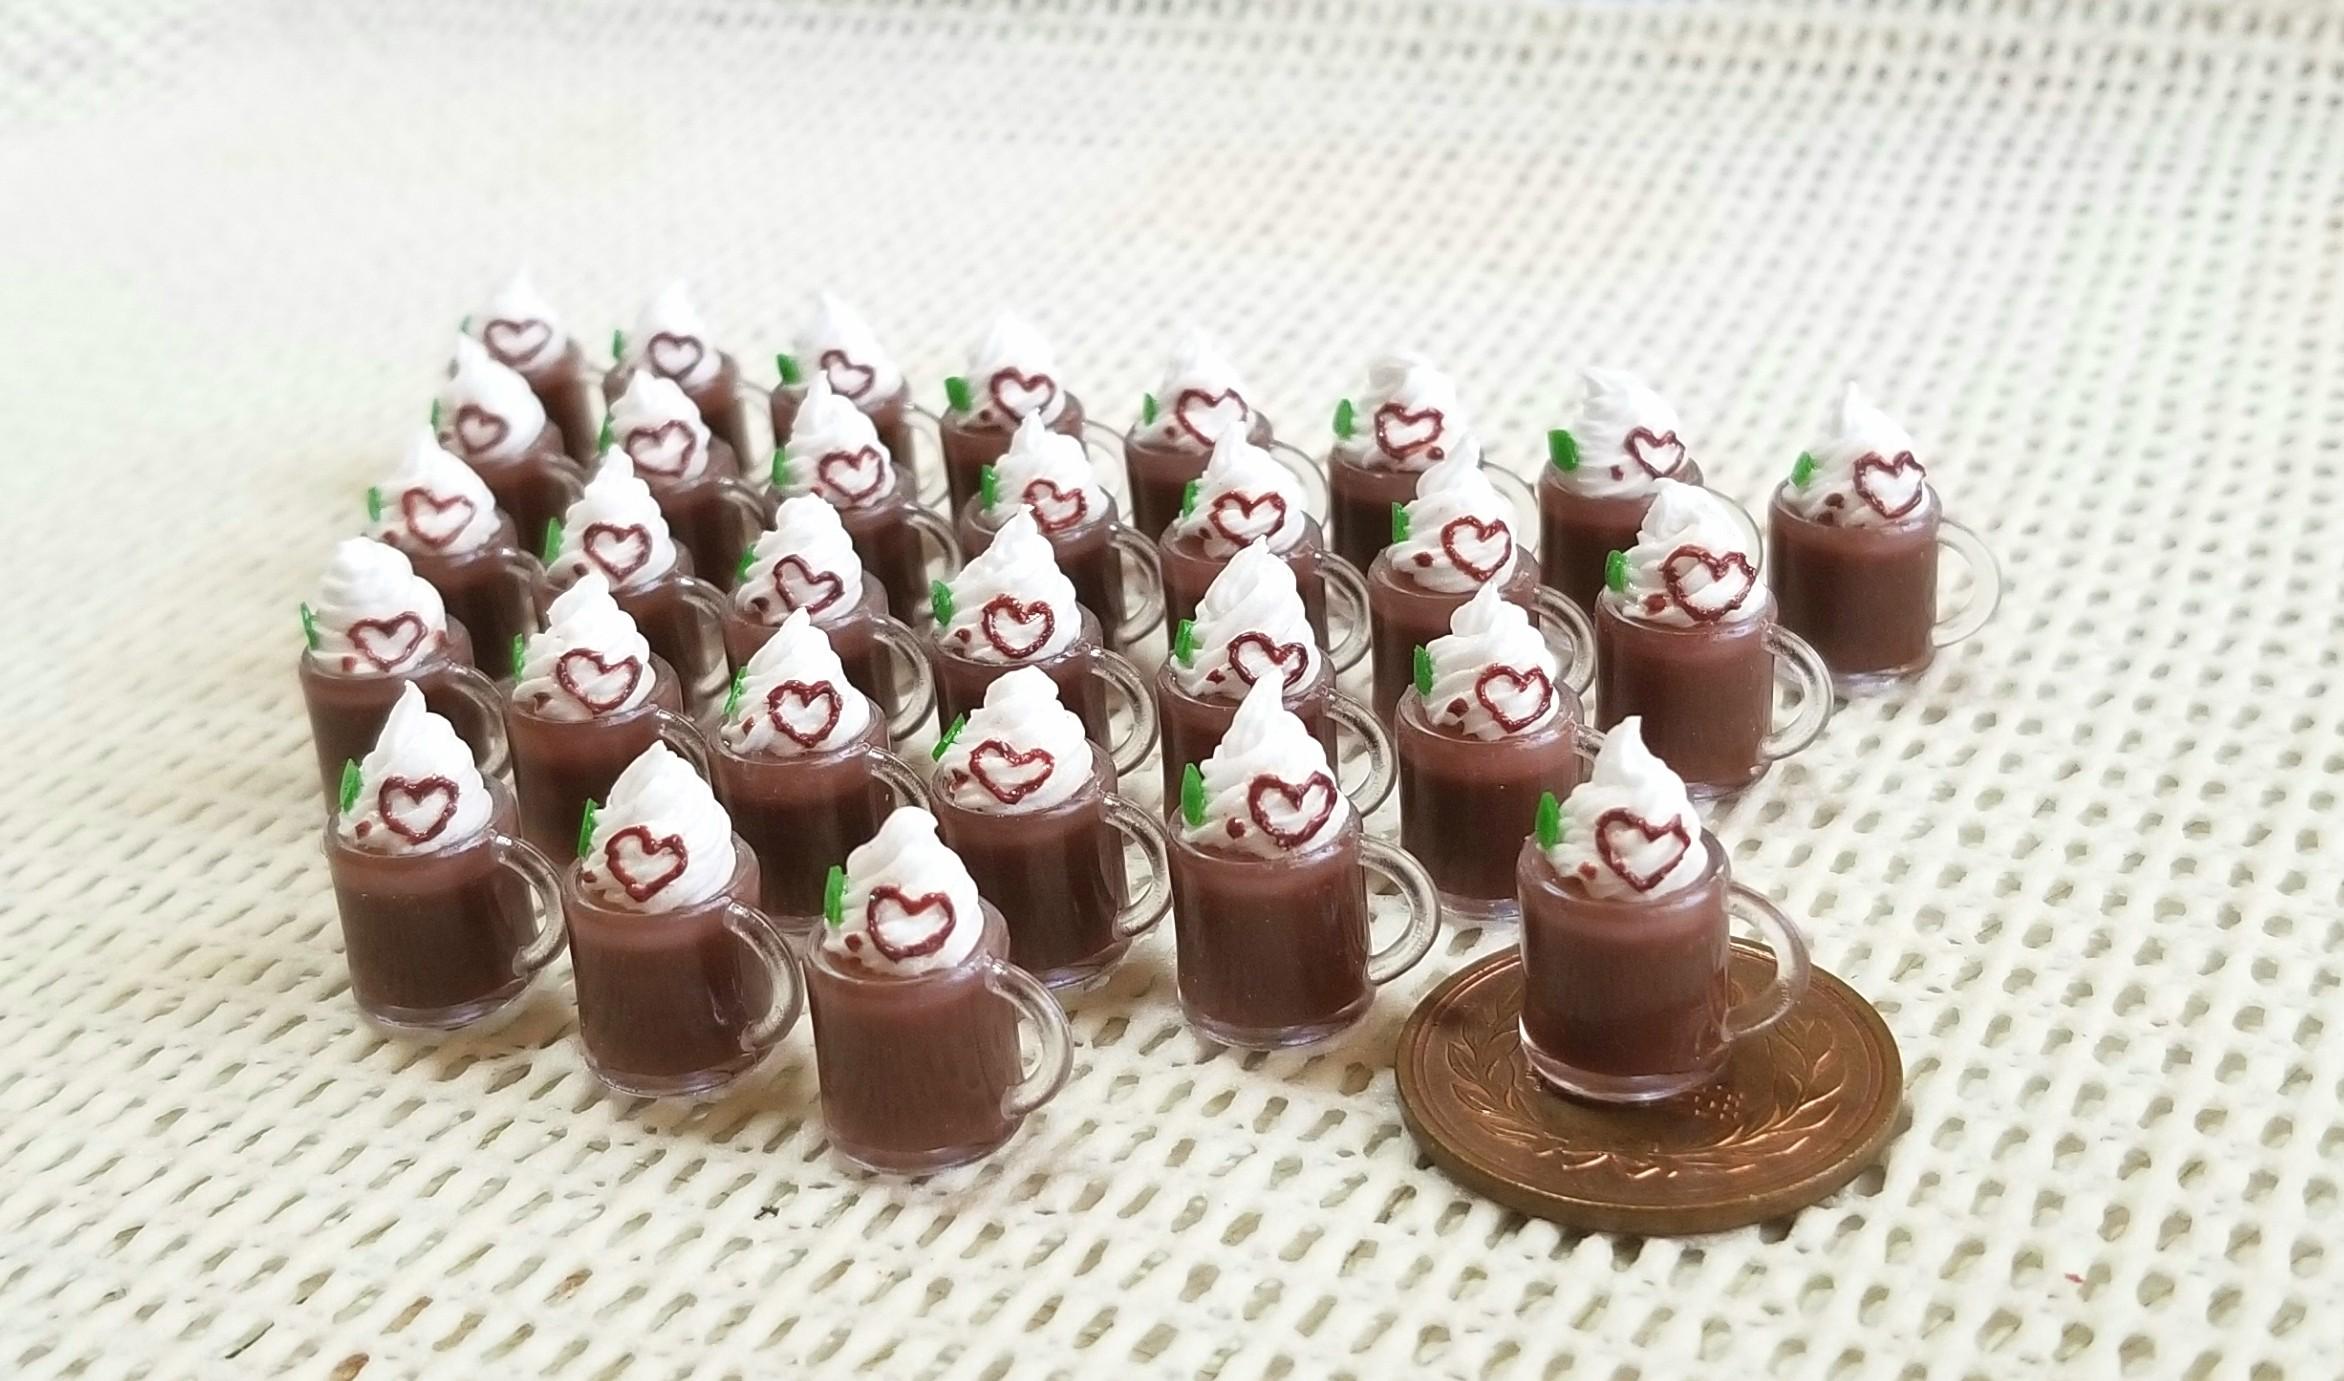 ミニチュア,チョコレートドリンク,フェイクフード,食品サンプル